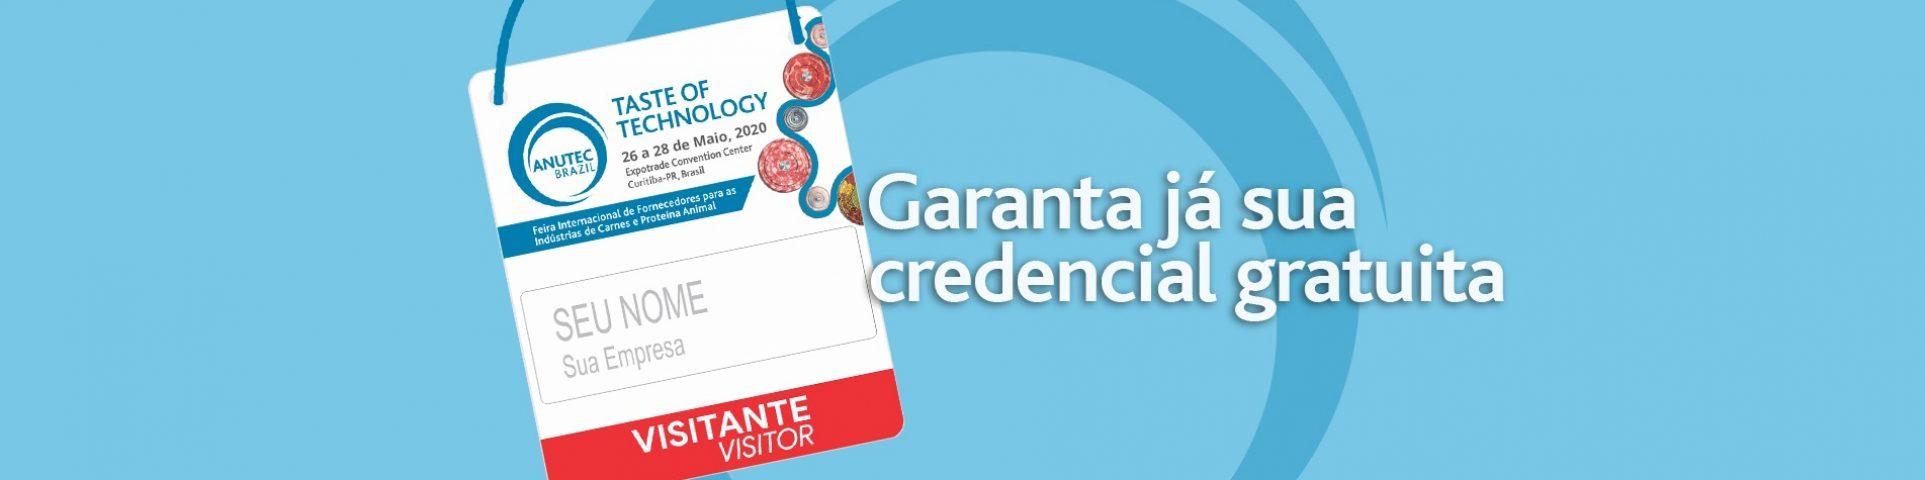 anutec_brazil_credenciamento_2020